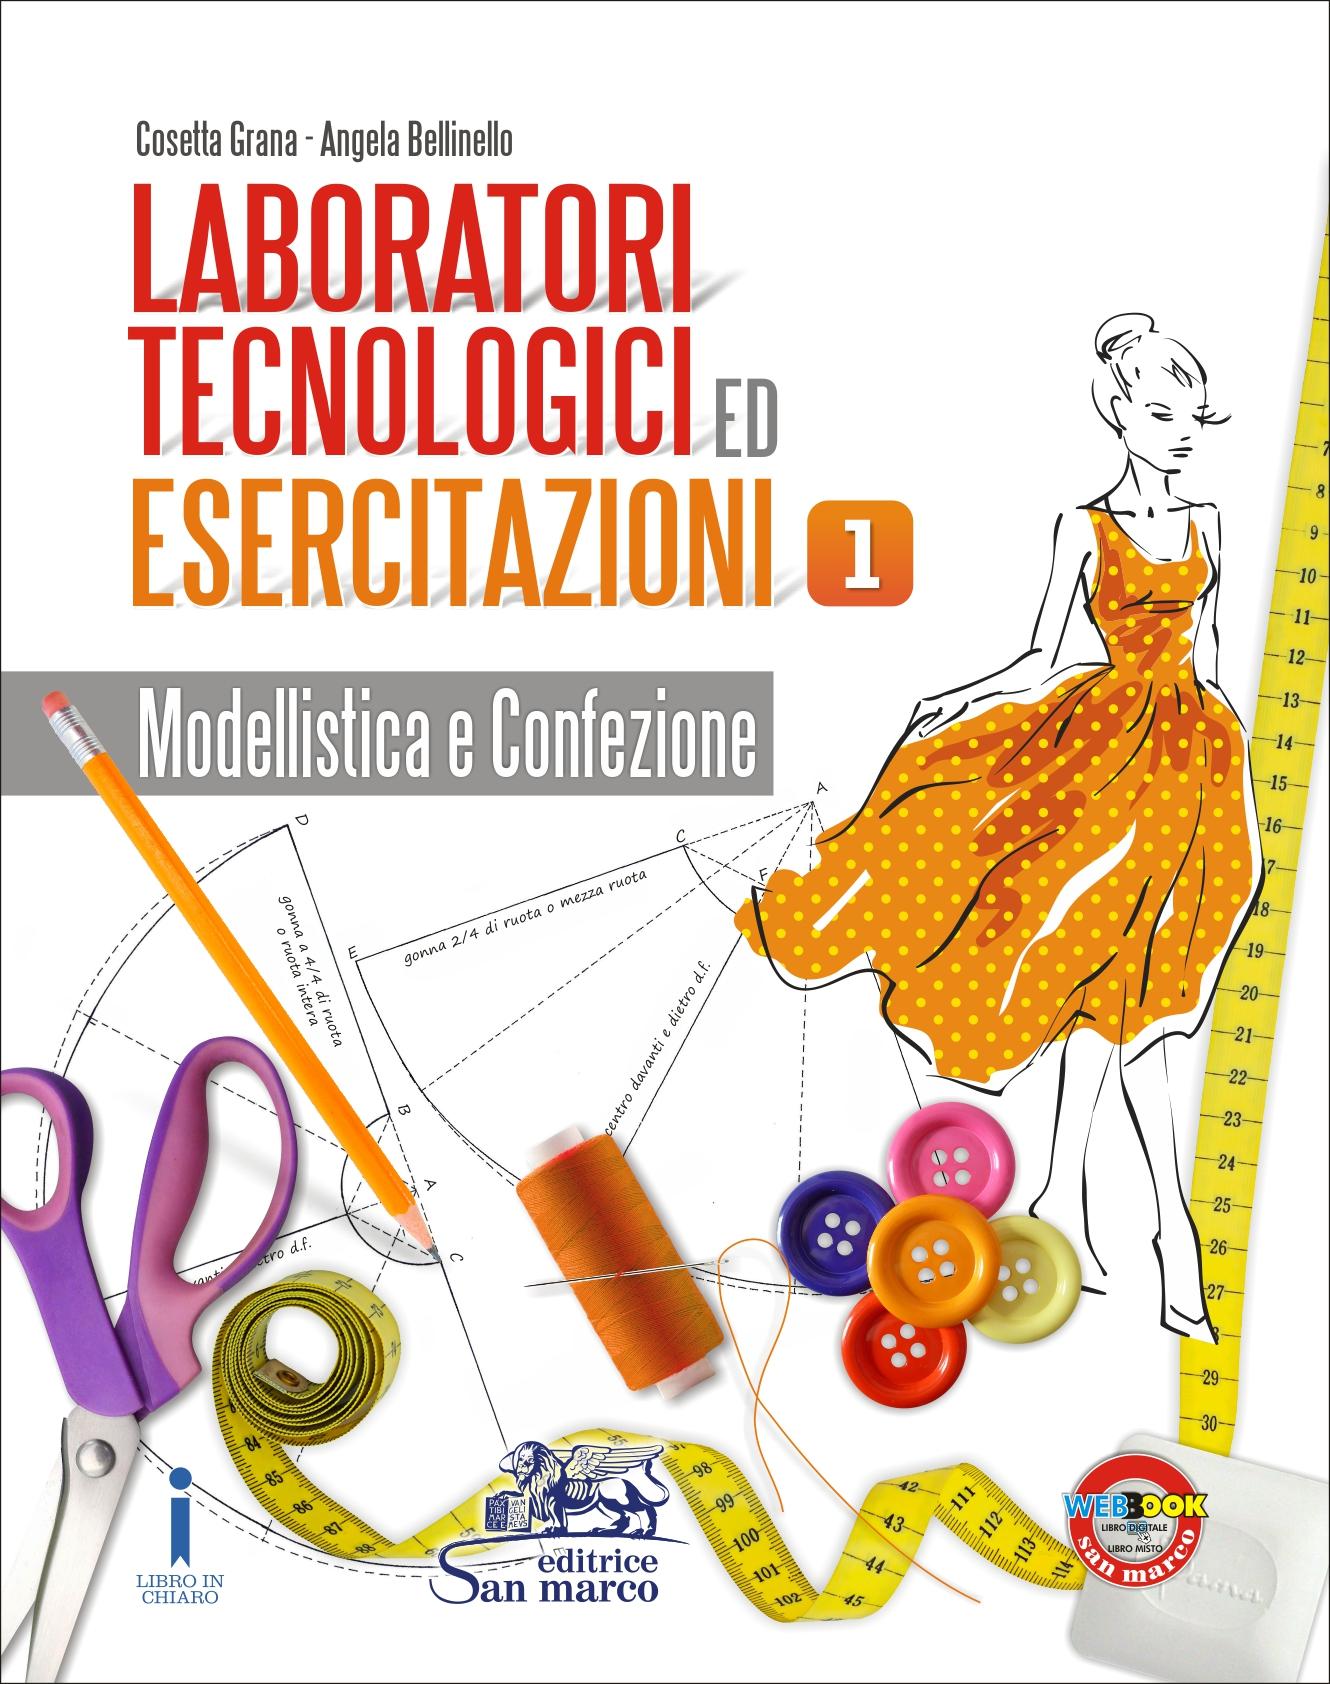 Laboratori Tecnologici ed Esercitazioni 1 - Modellistica e Confezione